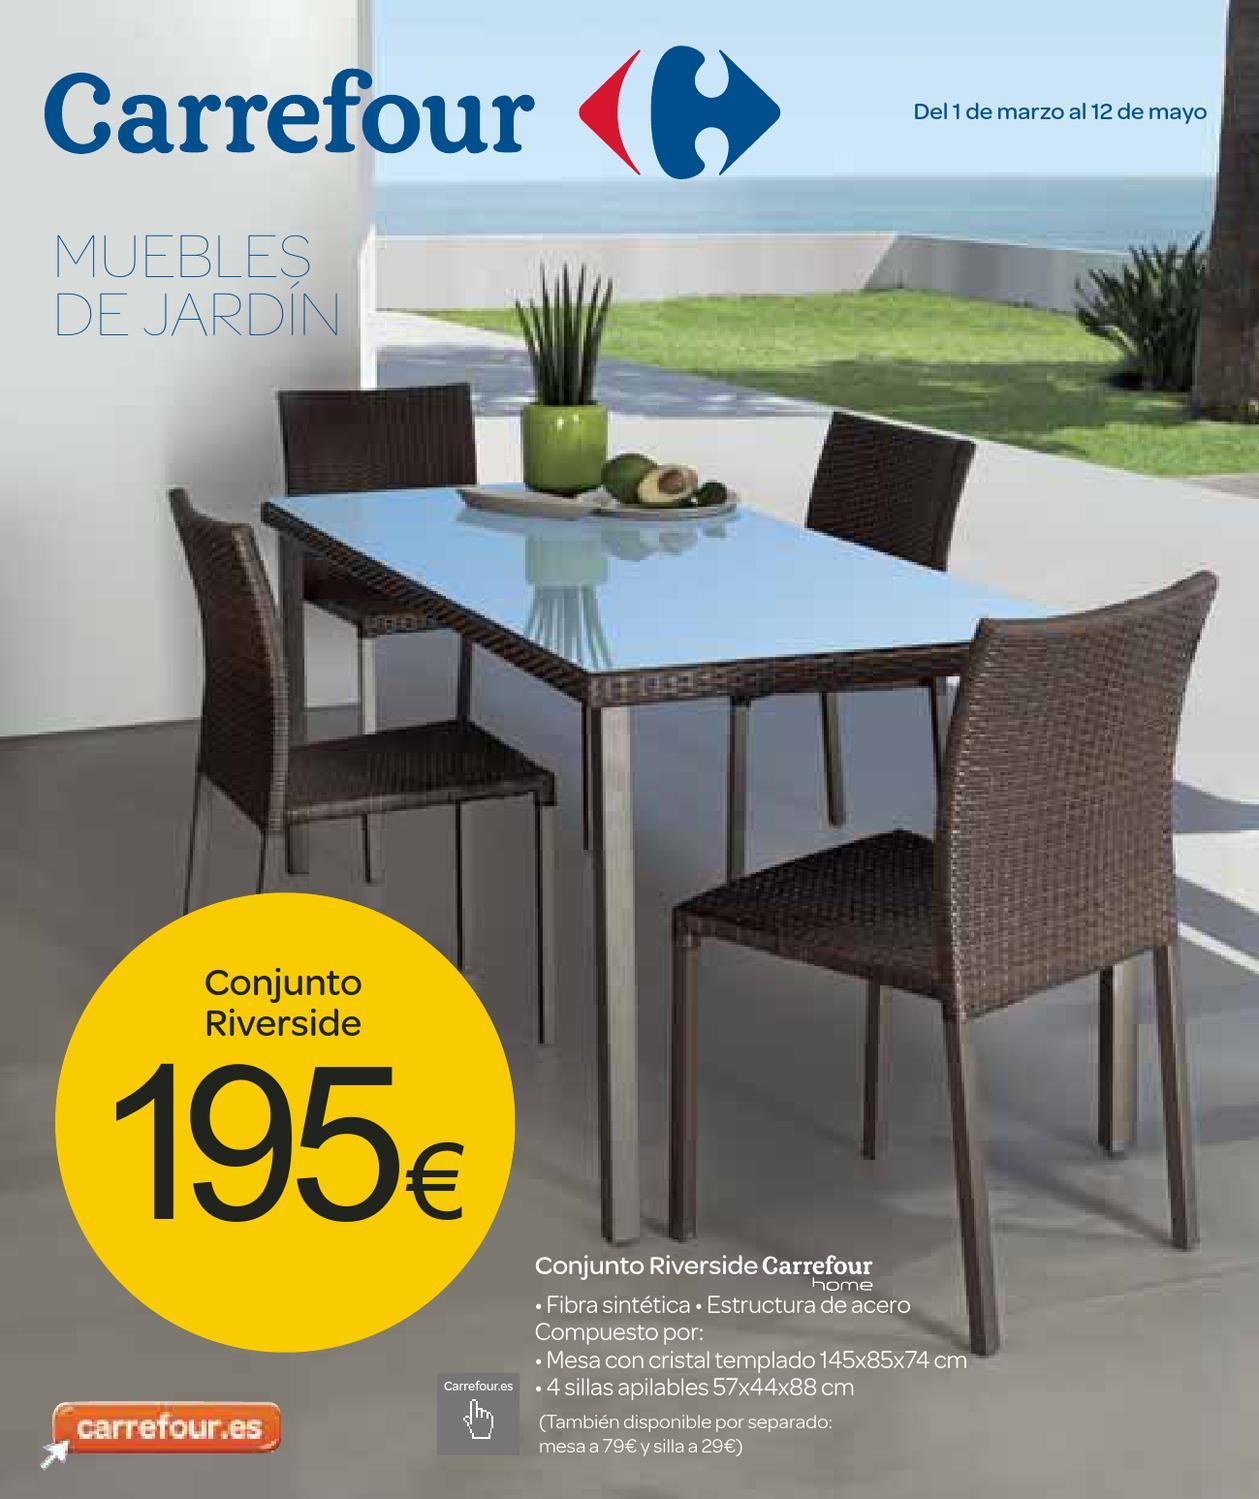 Catalogo de muebles de jardin carrefour 1 de marzo al 12 for Catalogos muebles jardin baratos